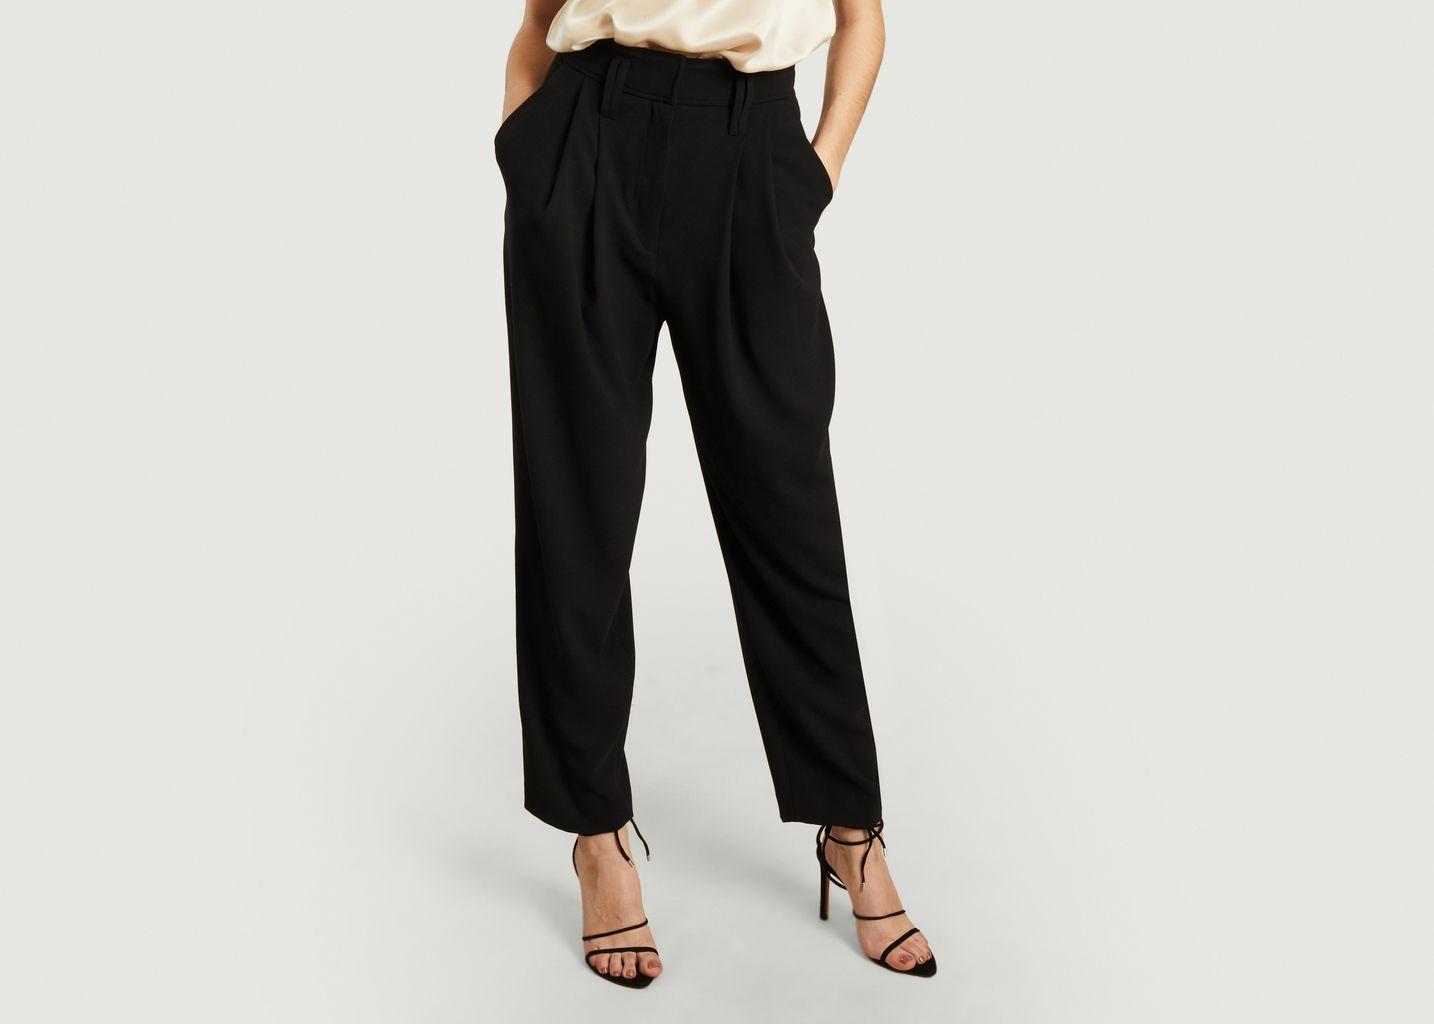 Pantalon taille haute Rexo - IRO